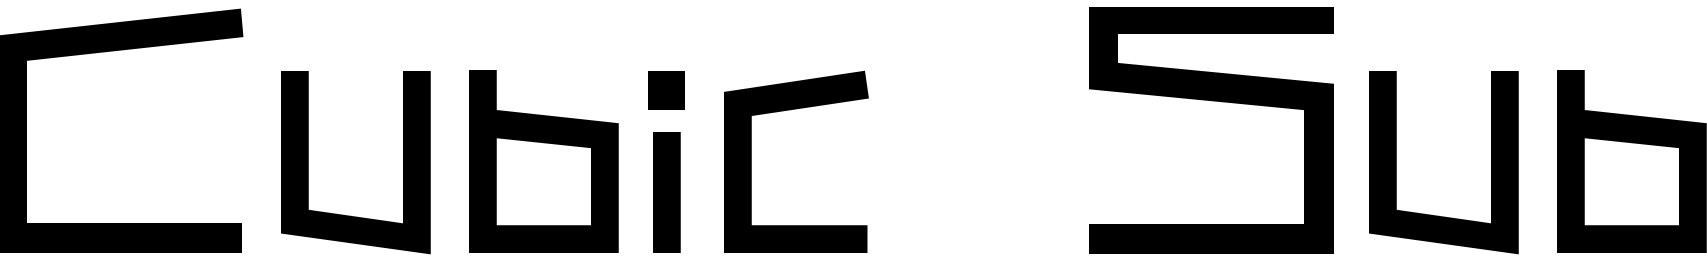 Cubic Sub